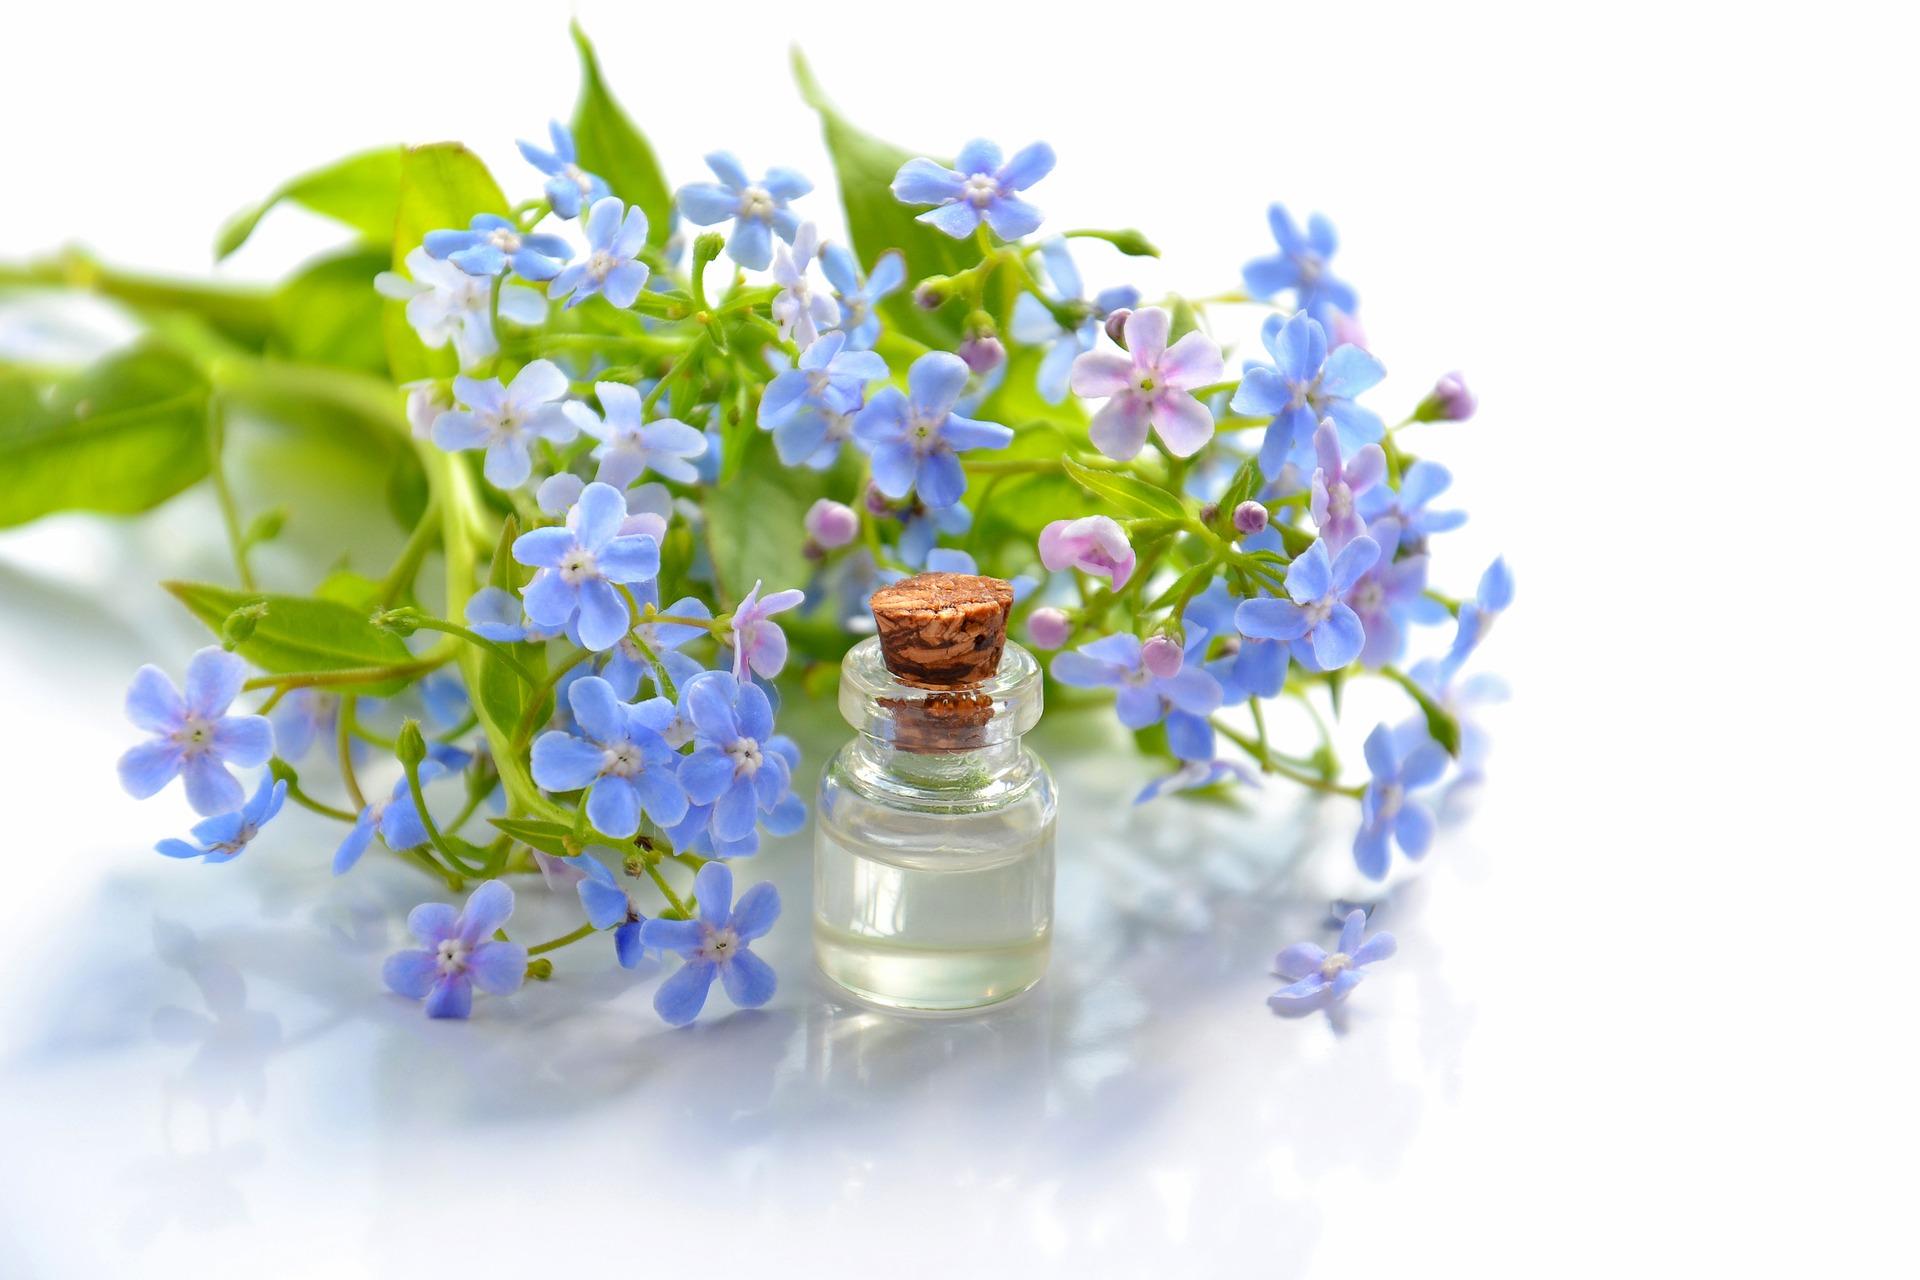 Působení esenciálních olejů při inhalaci